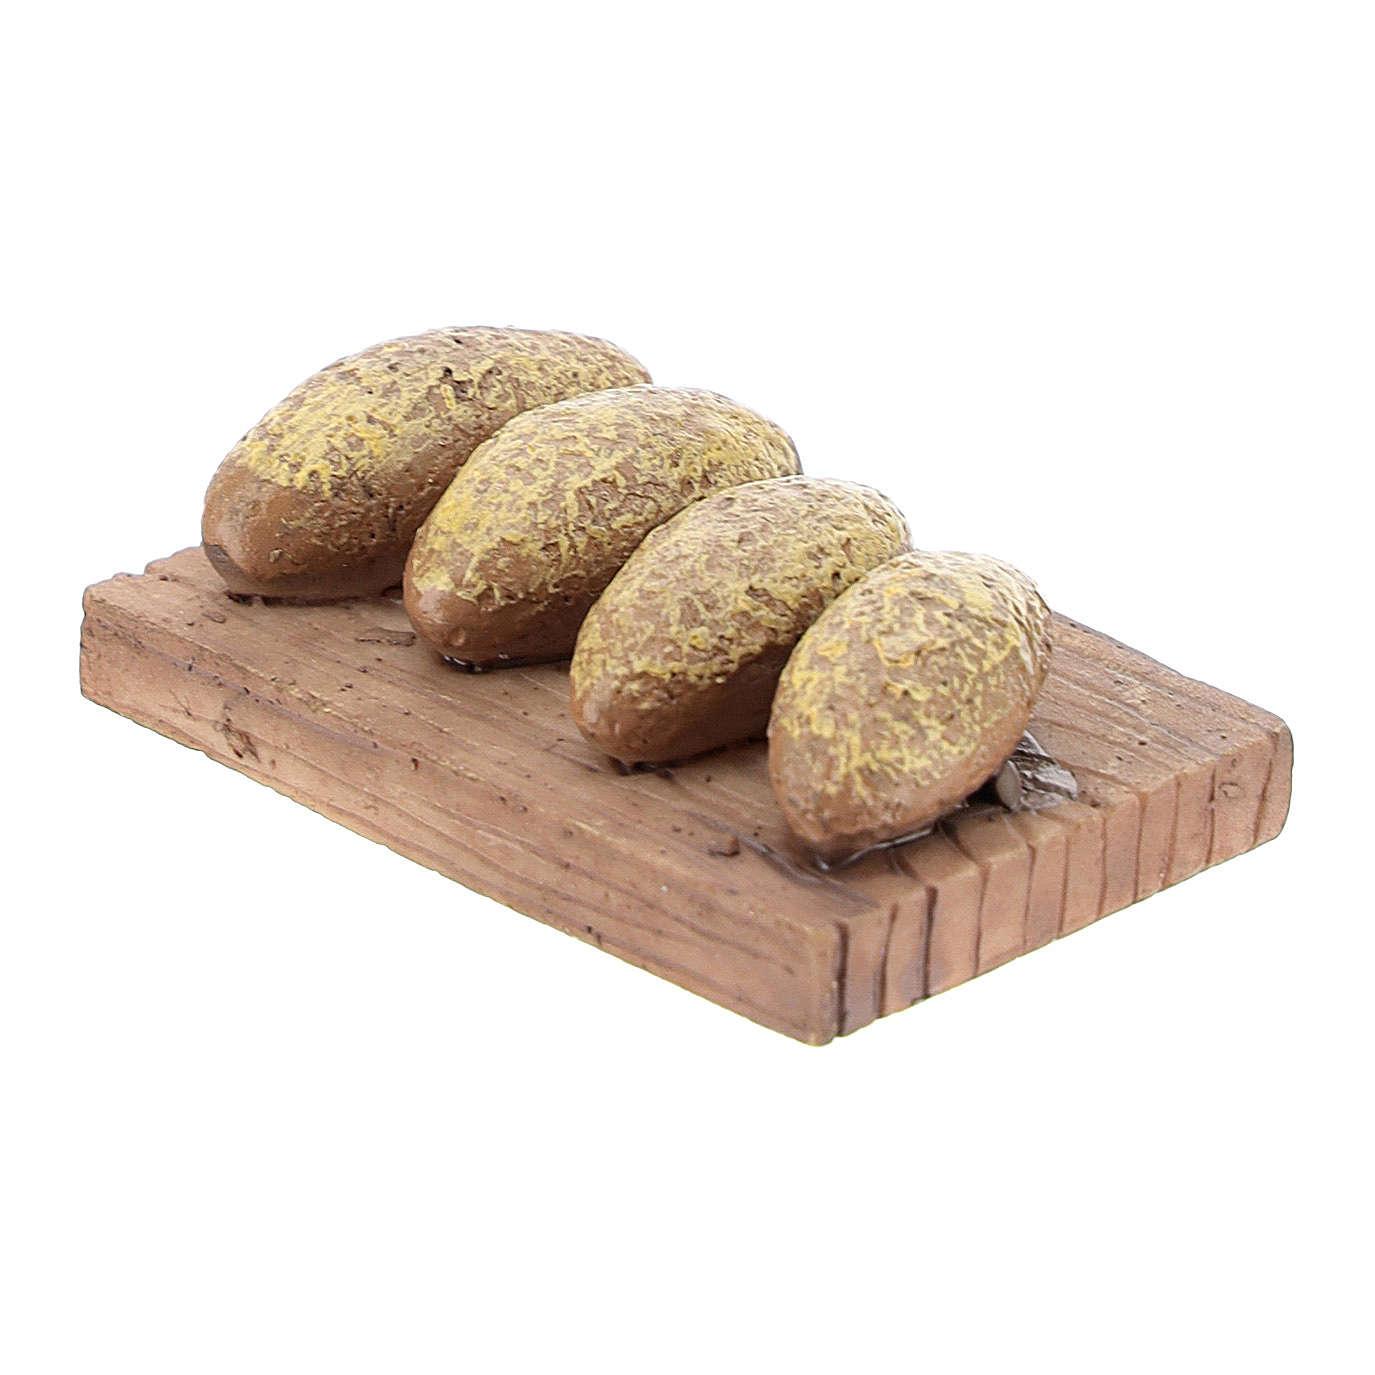 Planche avec pain en résine 1x4x3 cm pour crèche 6-8 cm 4